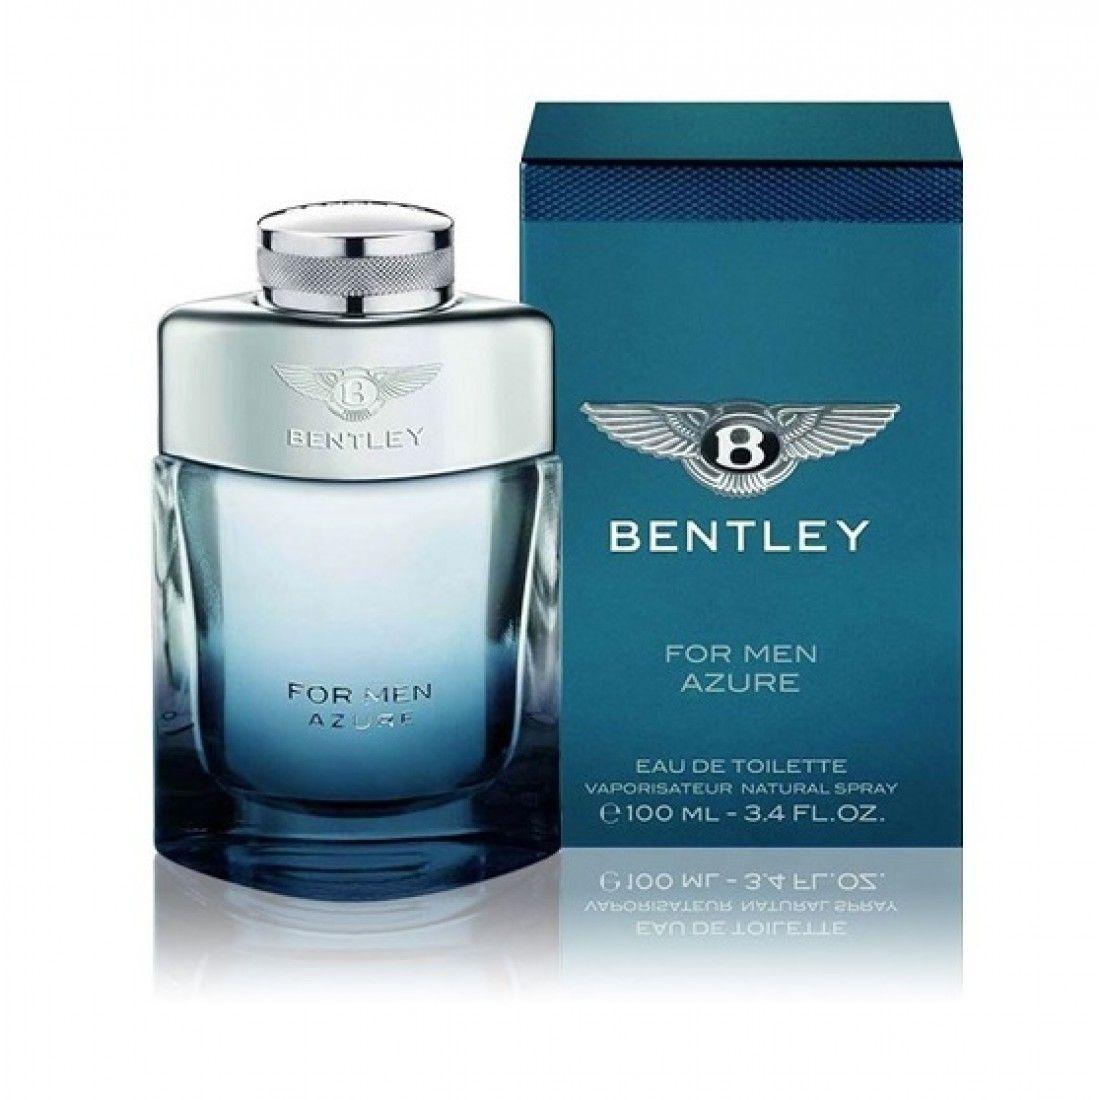 عطر بنتلي آزور للرجال او دو تواليت 100مل Eau De Toilette Perfume Store Perfume